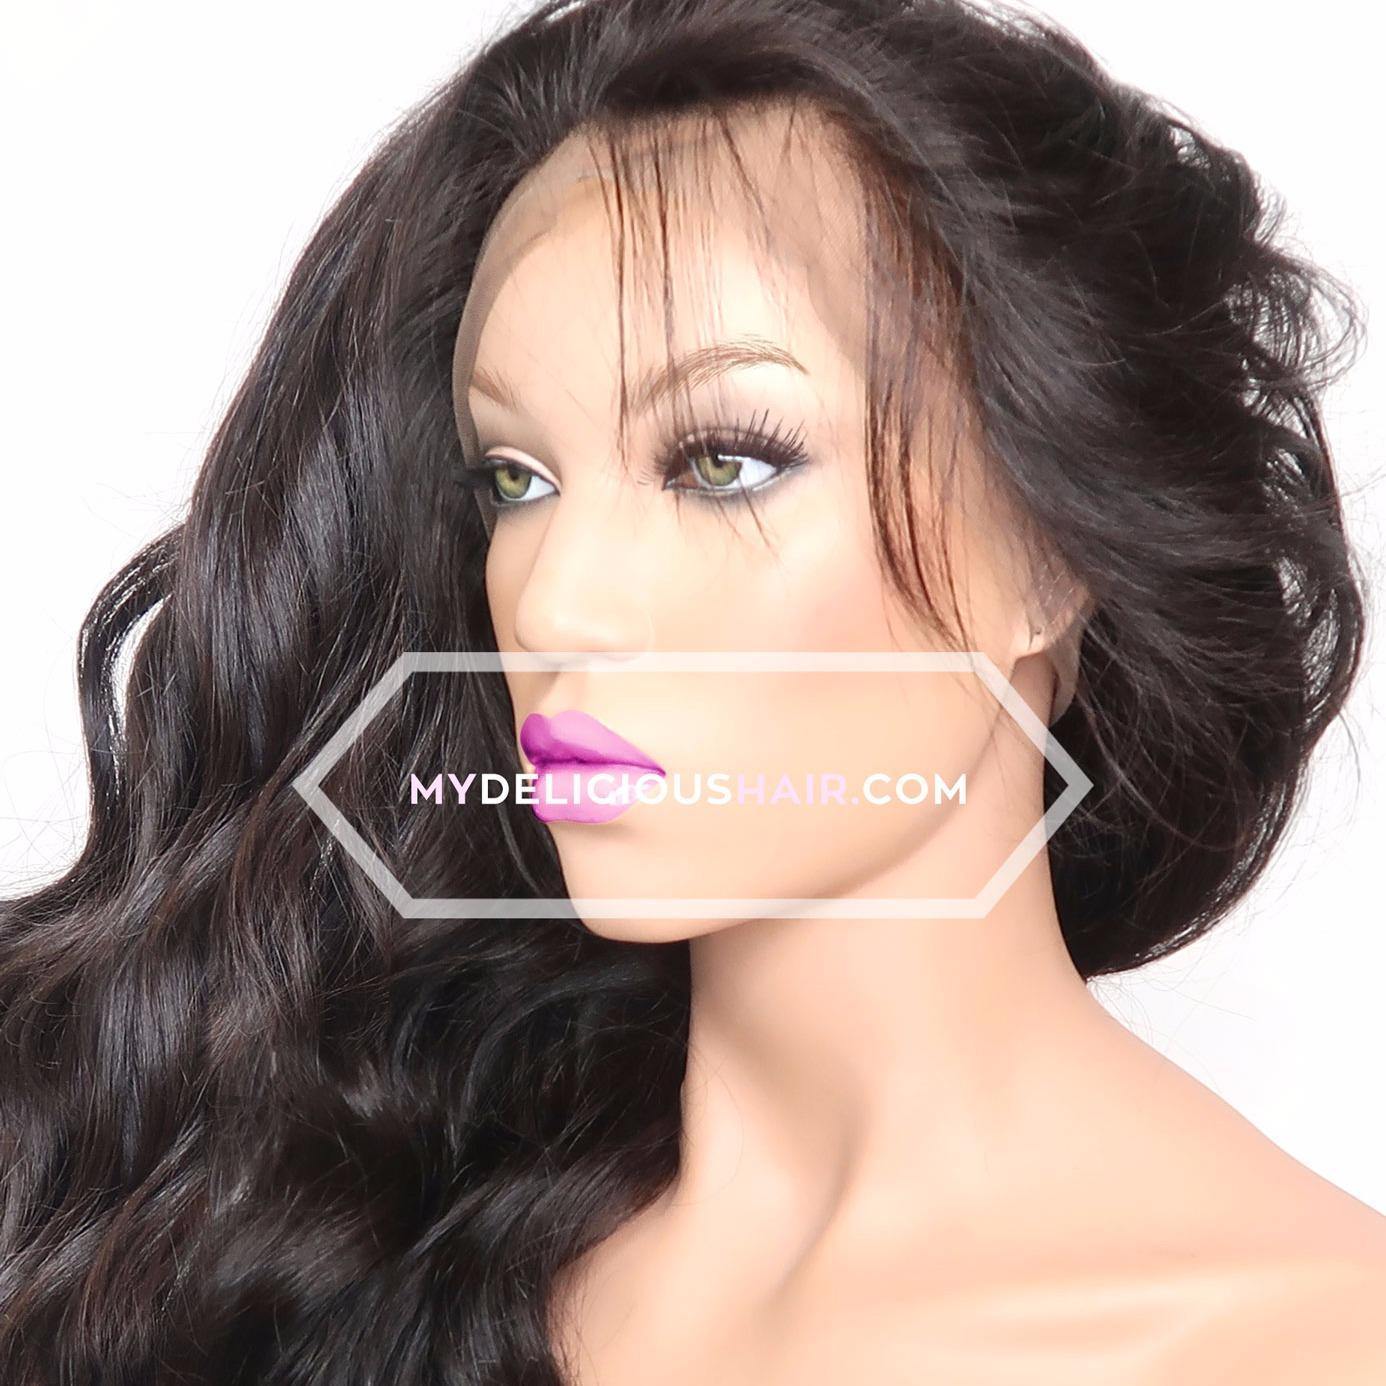 Shop Lace Wigs image 14